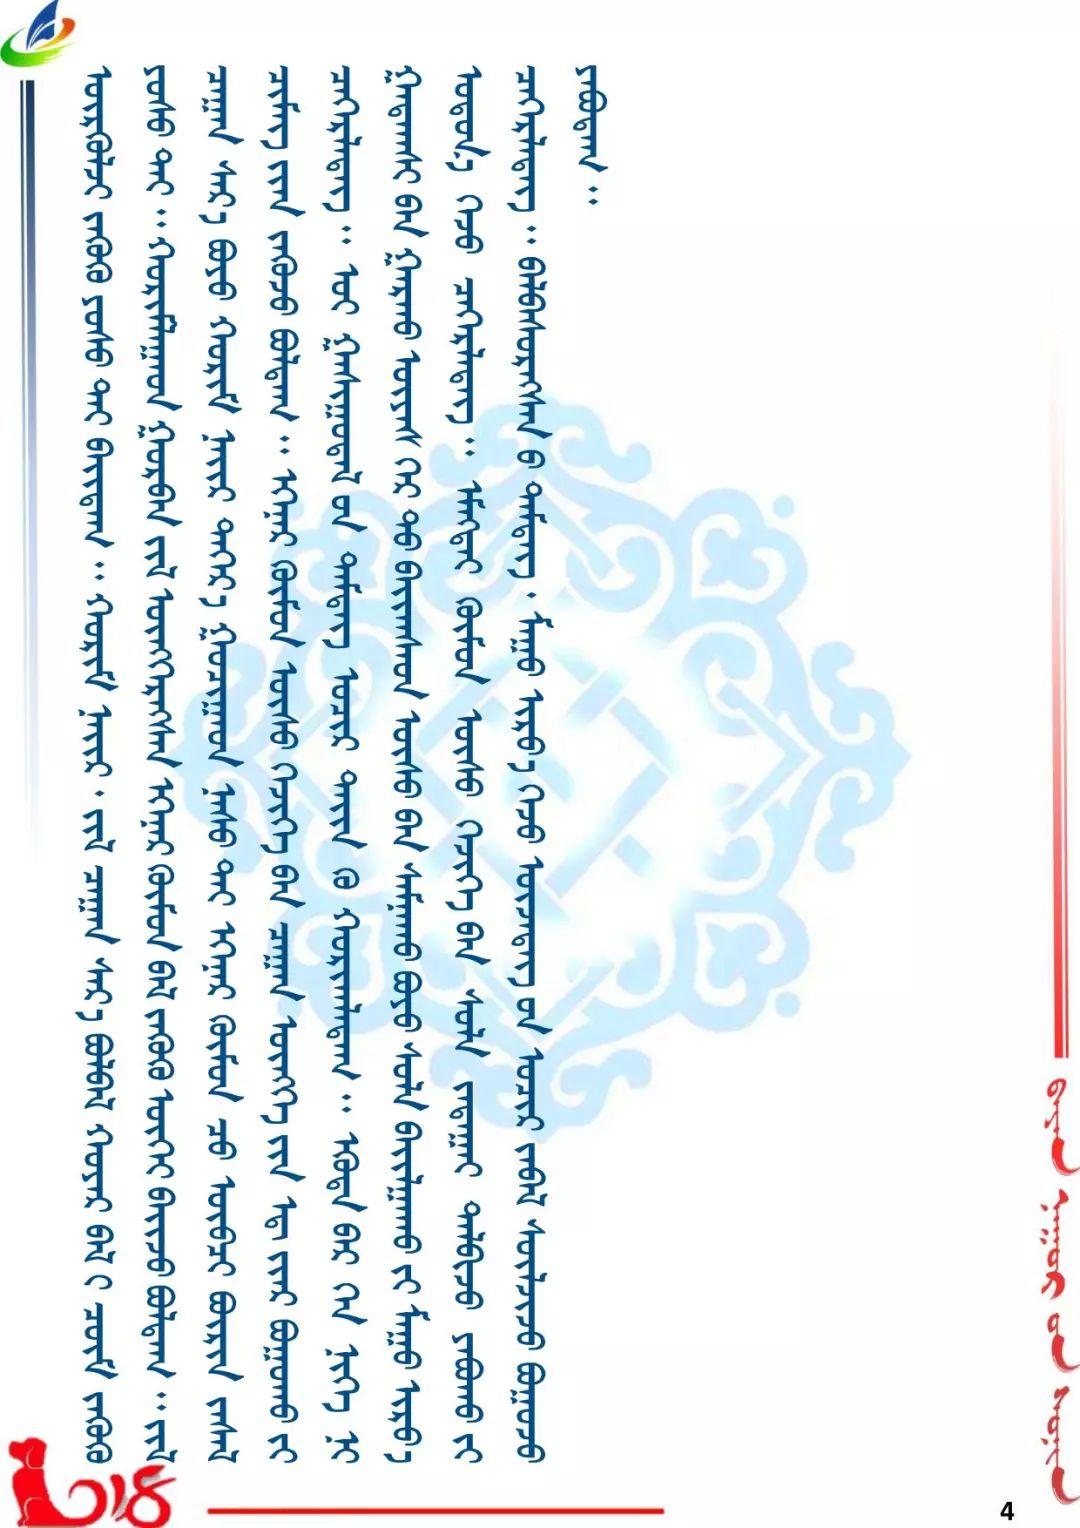 【必知常识】蒙古族妇女的装饰礼俗(Mongol) 第6张 【必知常识】蒙古族妇女的装饰礼俗(Mongol) 蒙古文库